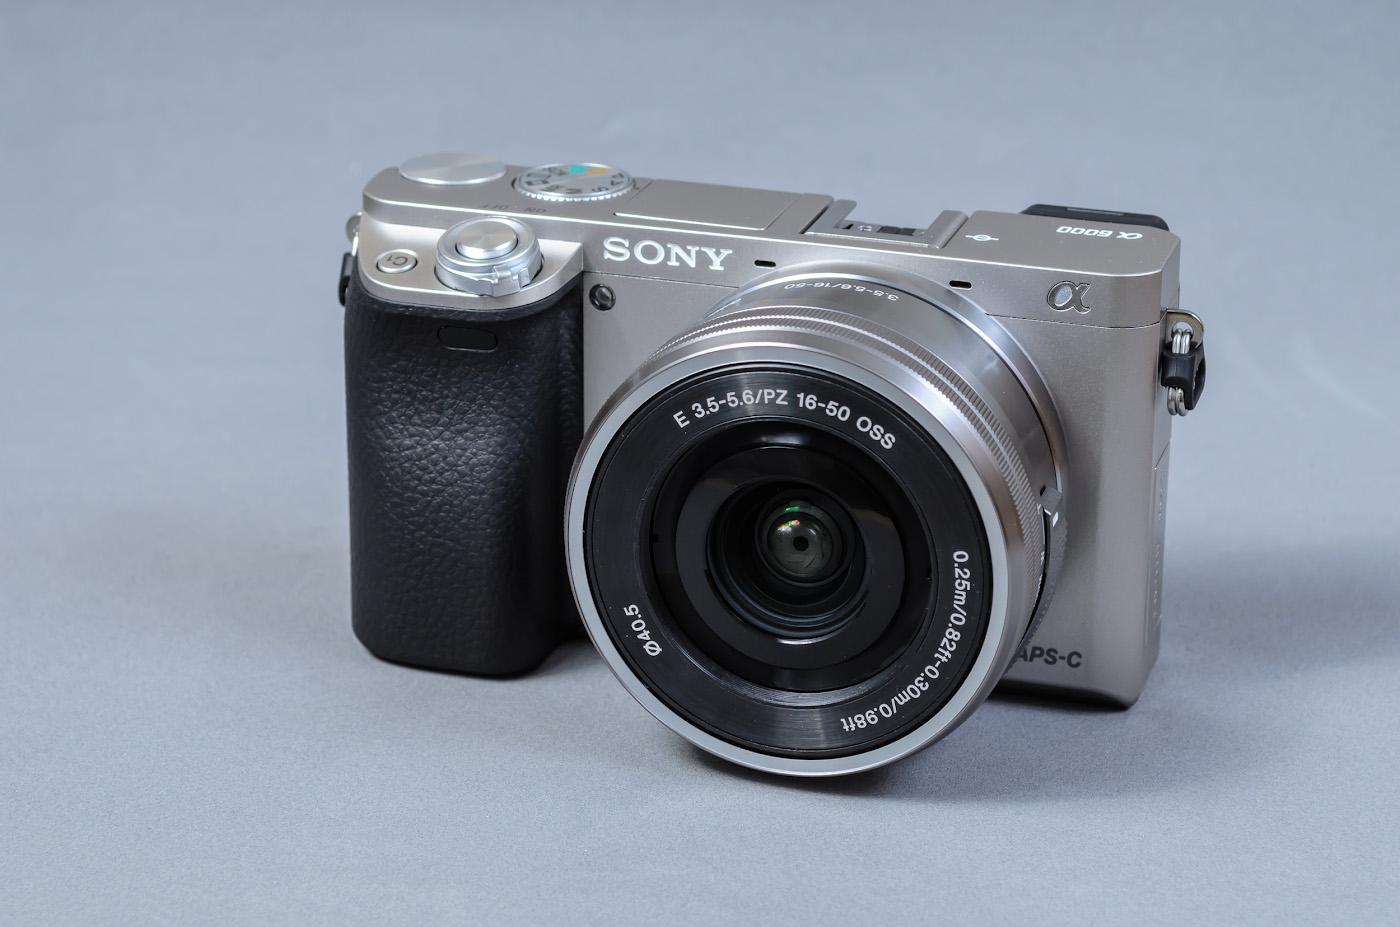 Уж очень долго я запрягал...  Но, по состоянию на 1 июня 2018 года конкурентов у Sony A6000 KIT 16-50mm f/3.5-5.6 по такой особенности, как малые габариты при достаточно высоком качестве картинки, так и не нашлось.